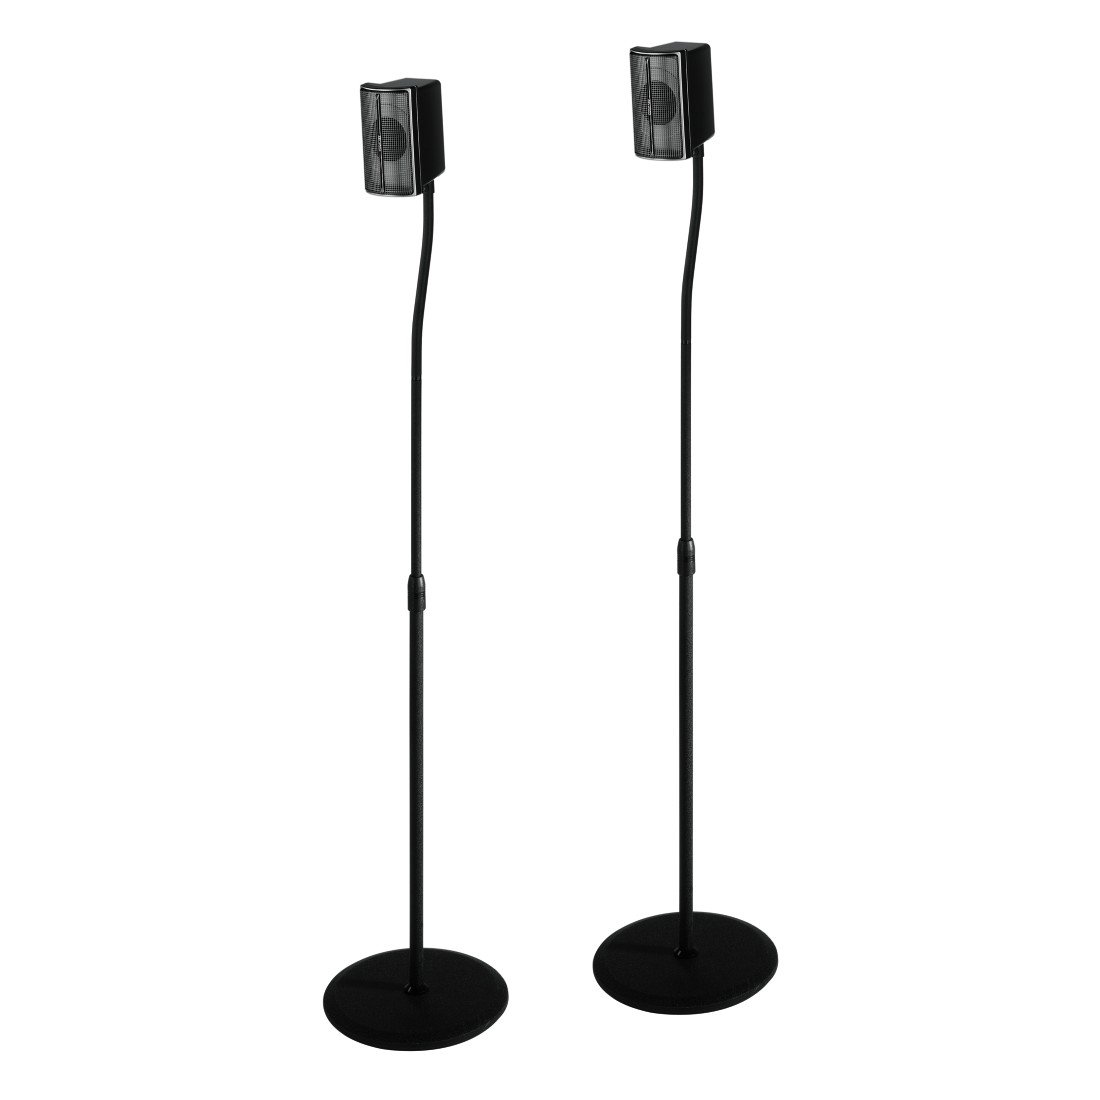 Hama Slim Supporto Universale Regolabile per Casse, 5 kg, 123 cm, Nero 00116211 123cm 5kg